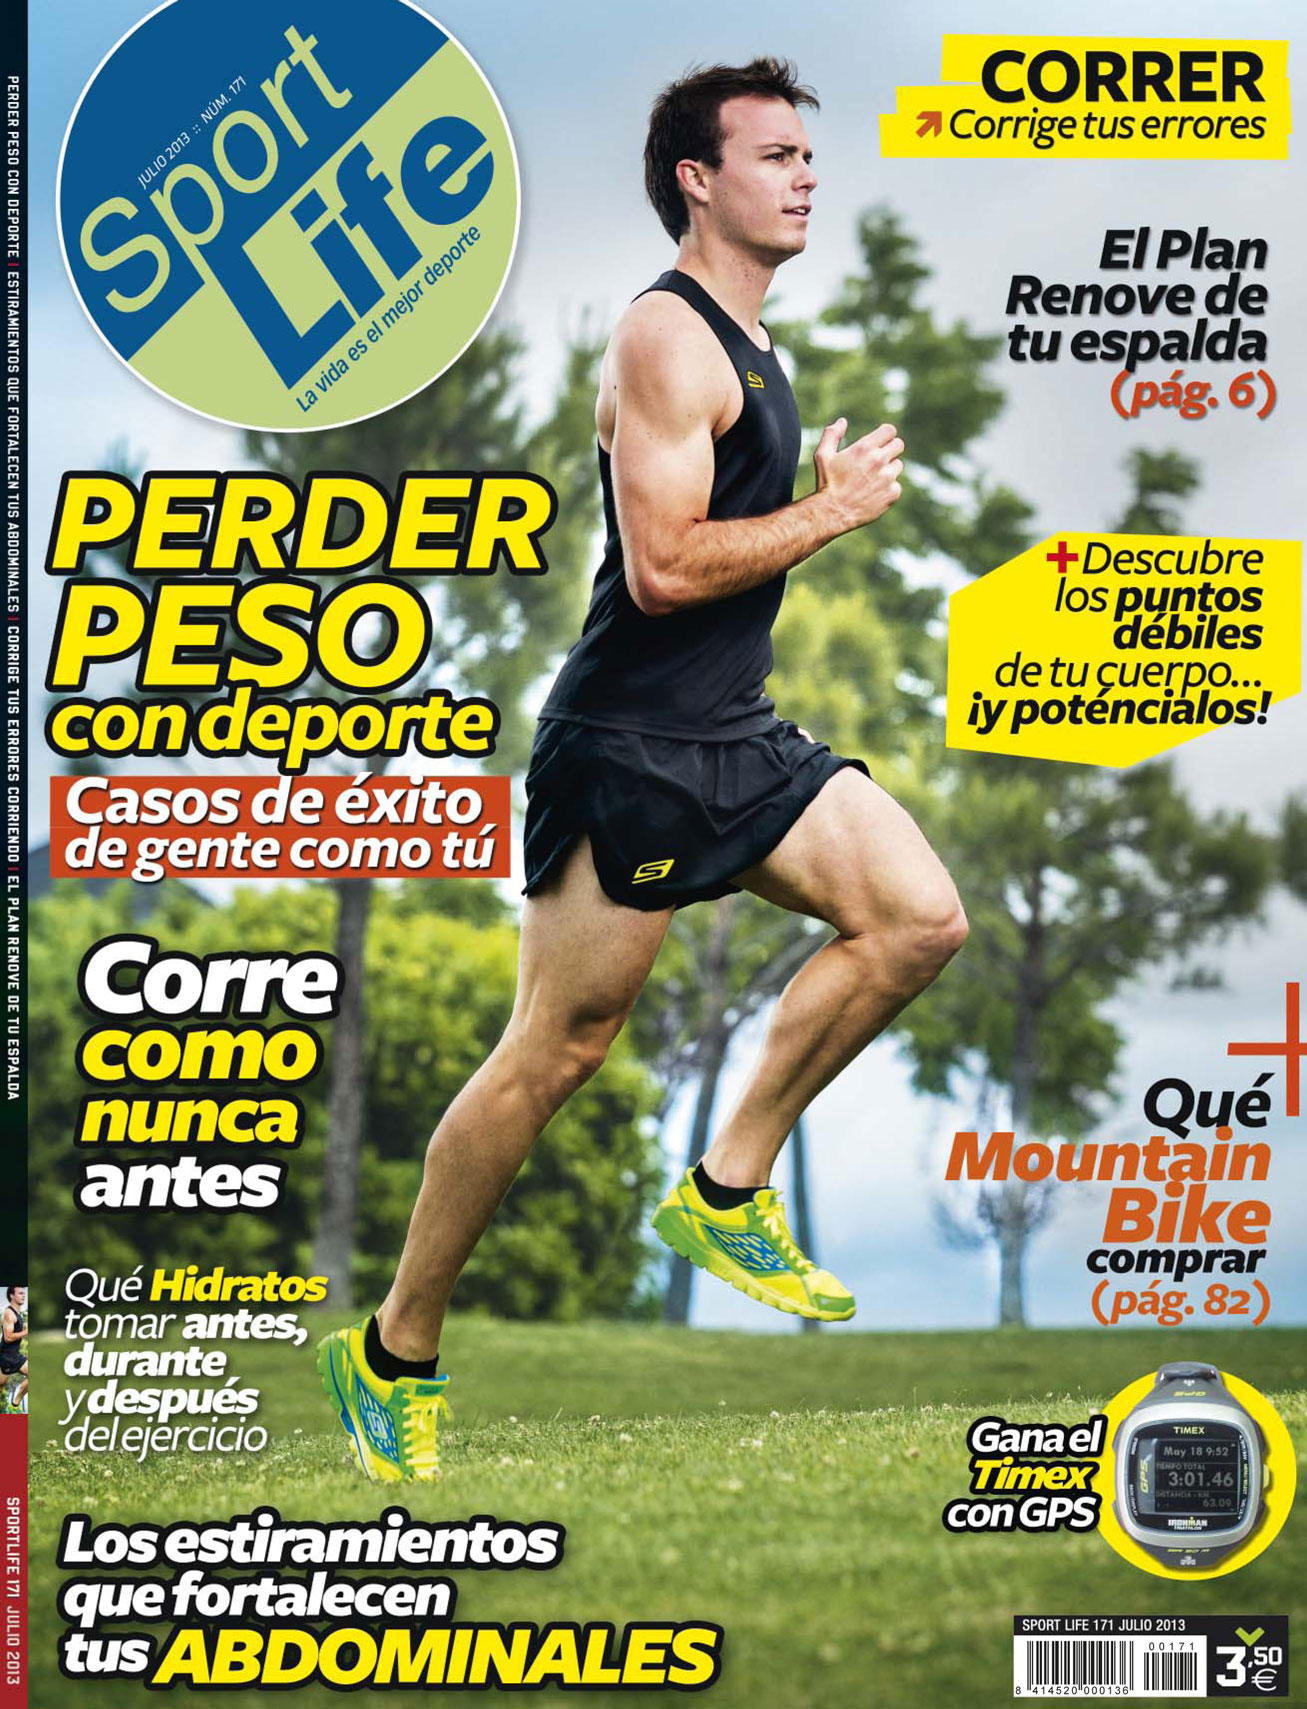 Sumario Sport Life 171 julio 2013